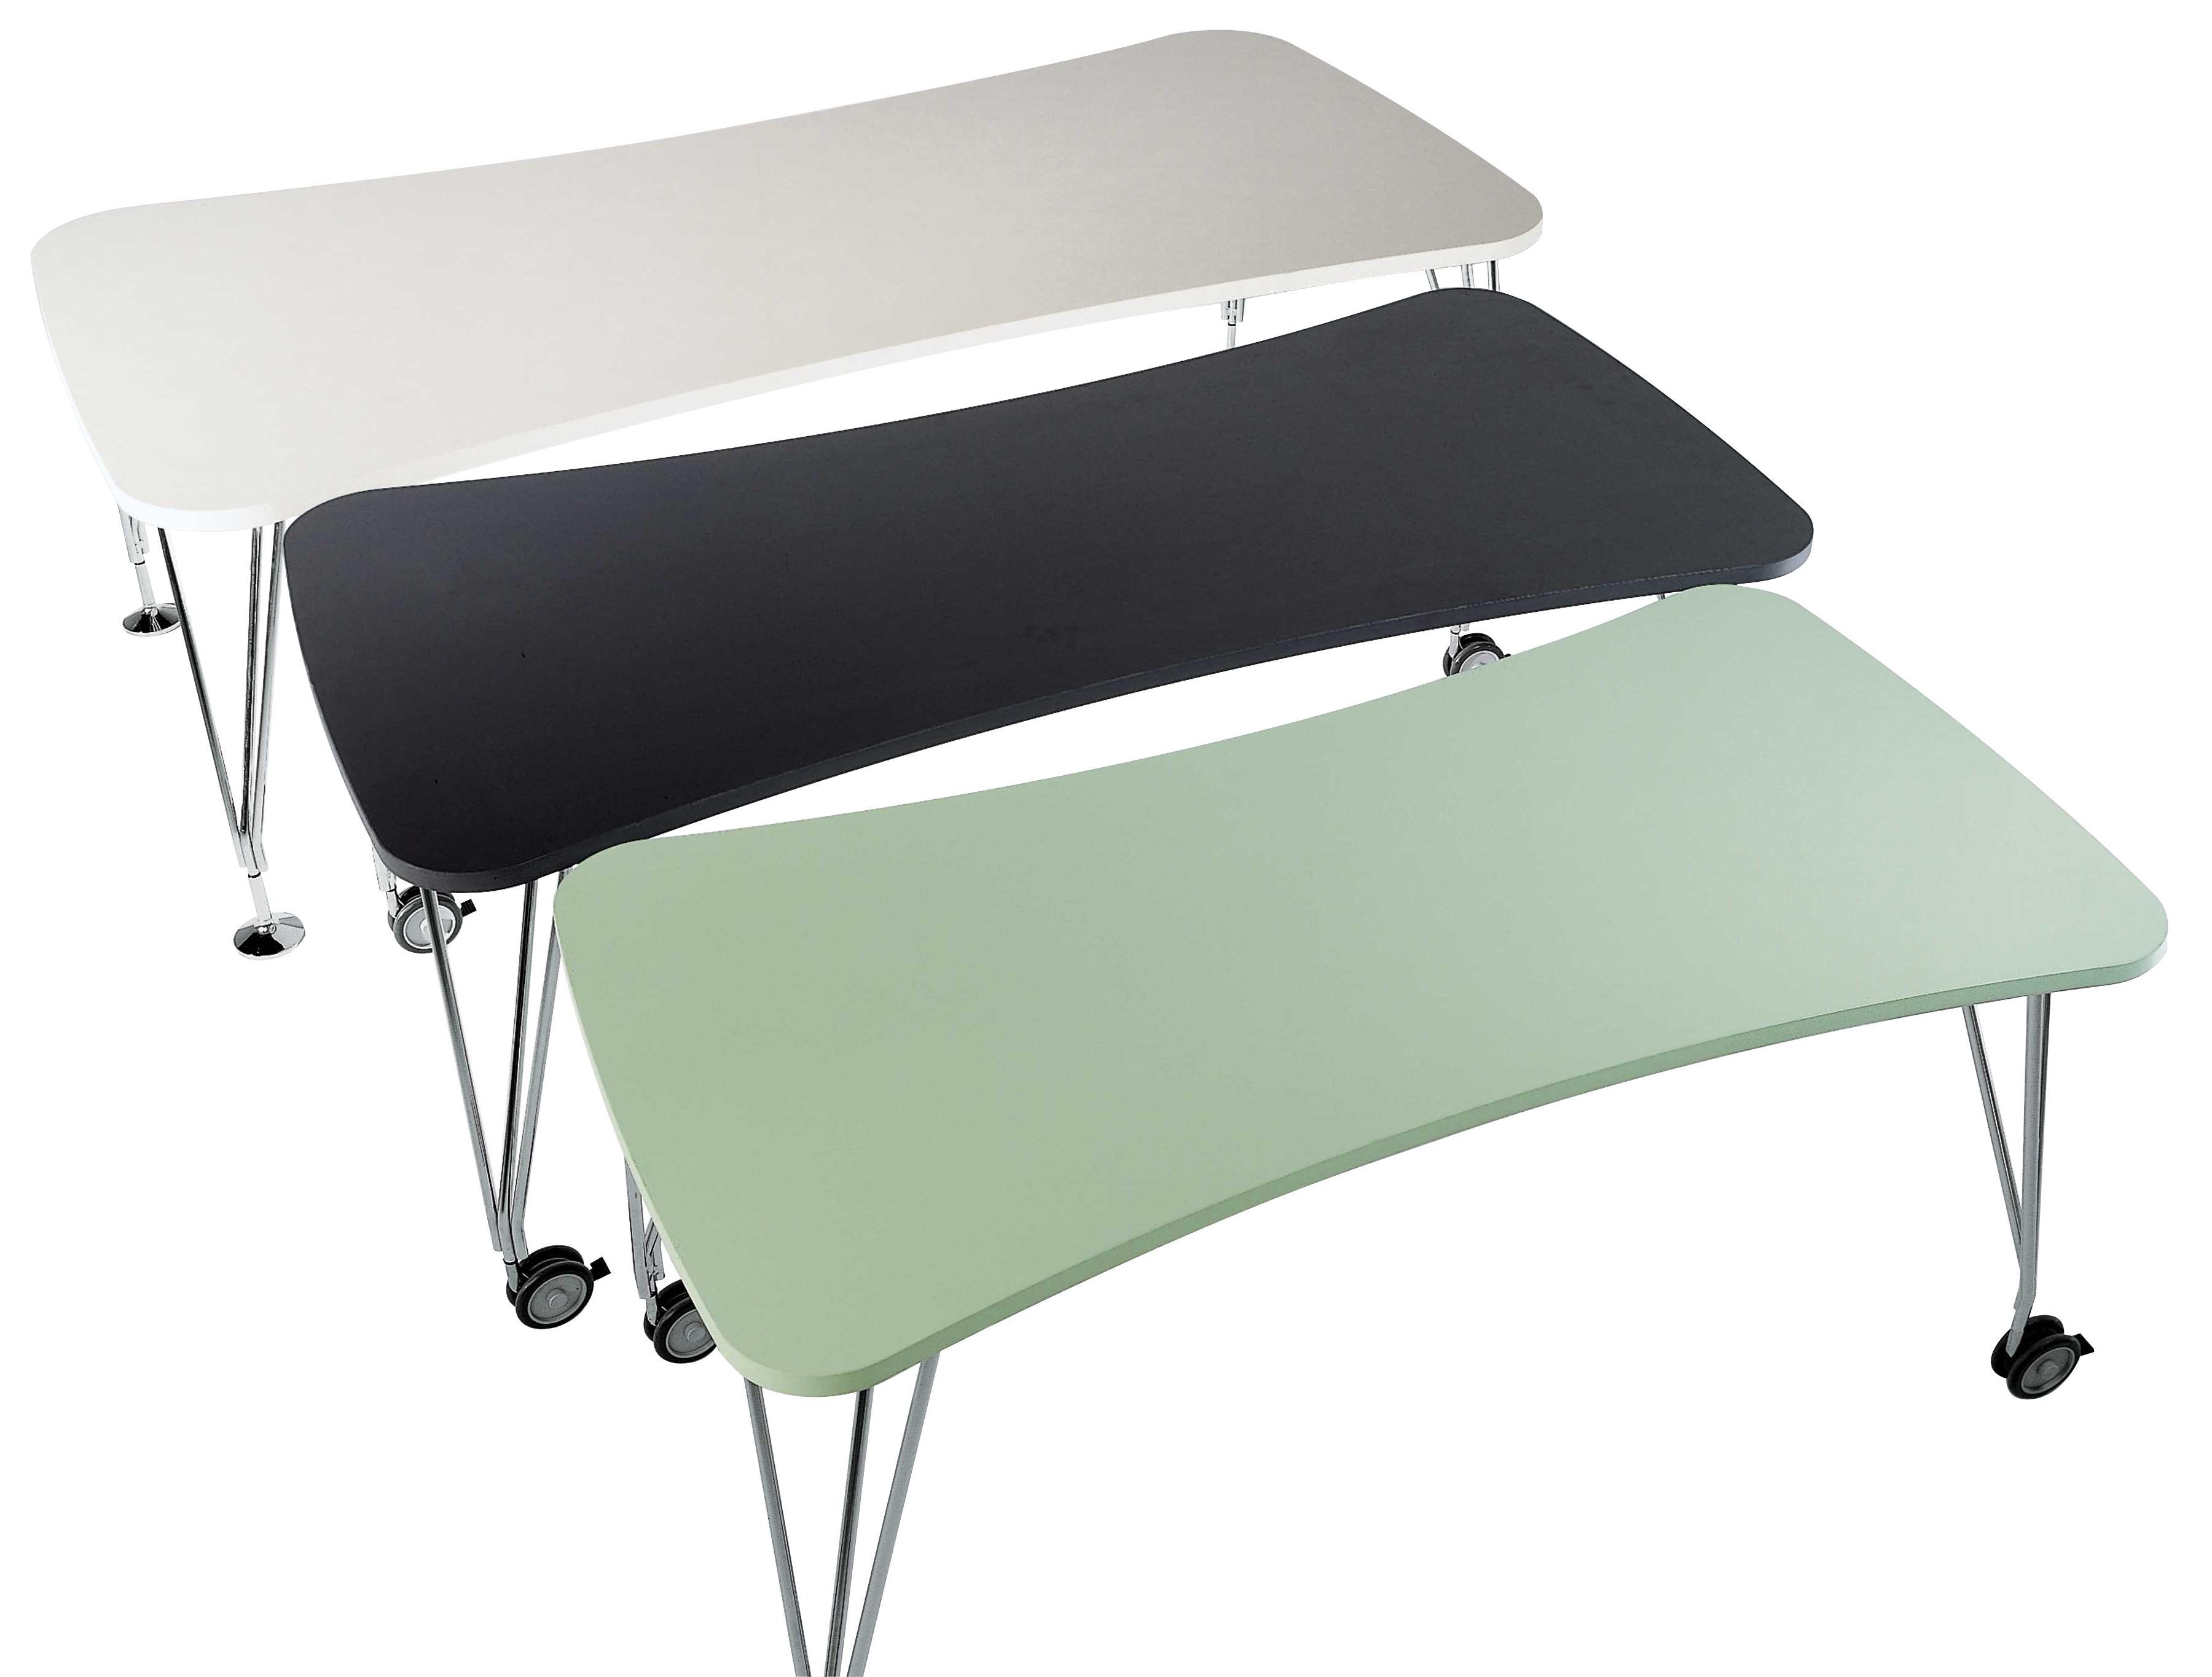 Mobilier - Mobilier Ados - Table rectangulaire Max / Bureau - L 190 cm - Kartell - Blanc - Acier chromé, Laminé